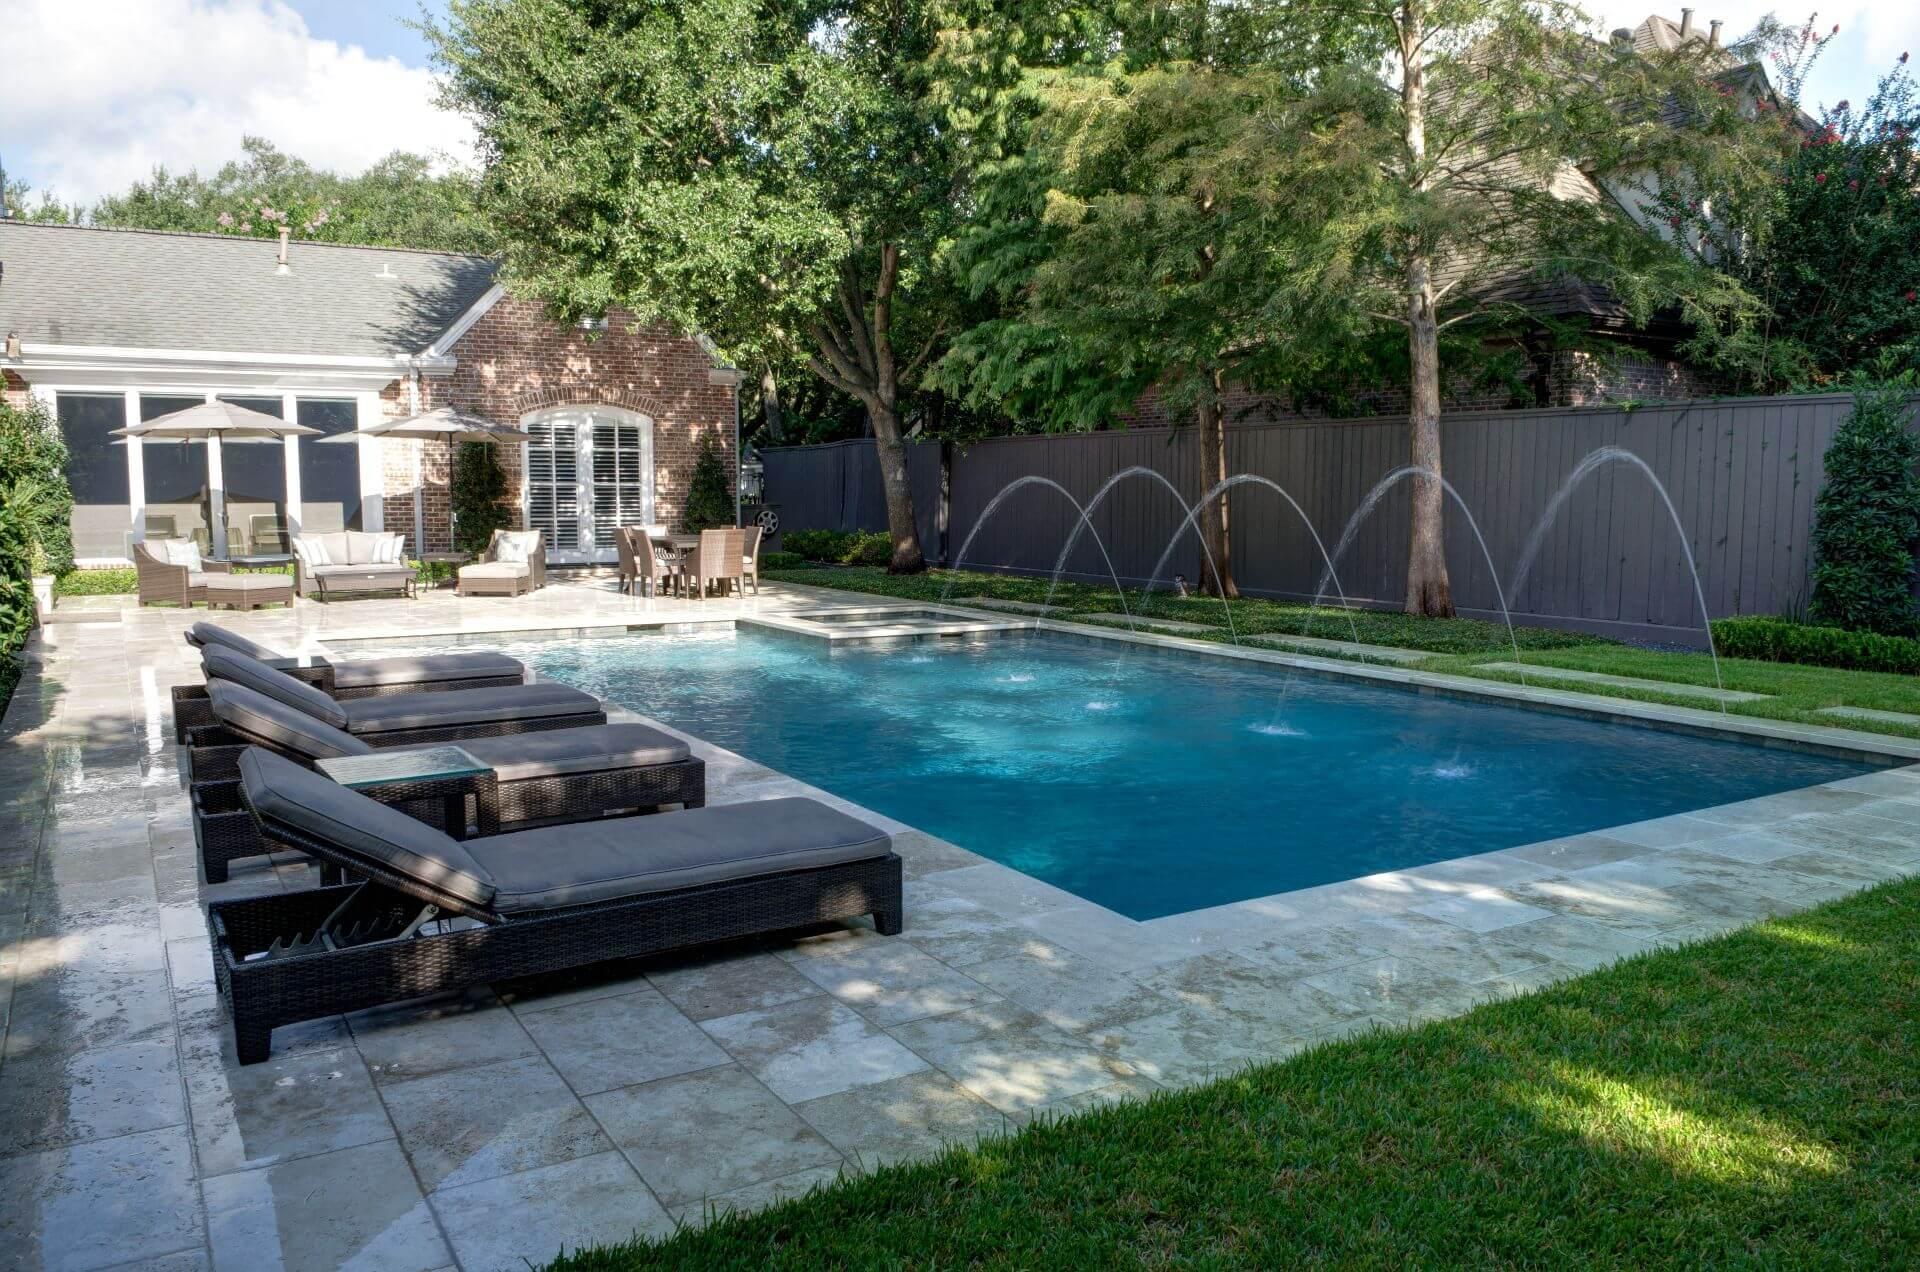 Classic Pool w/ Deck Jets | Sunshine Pools, Inc.